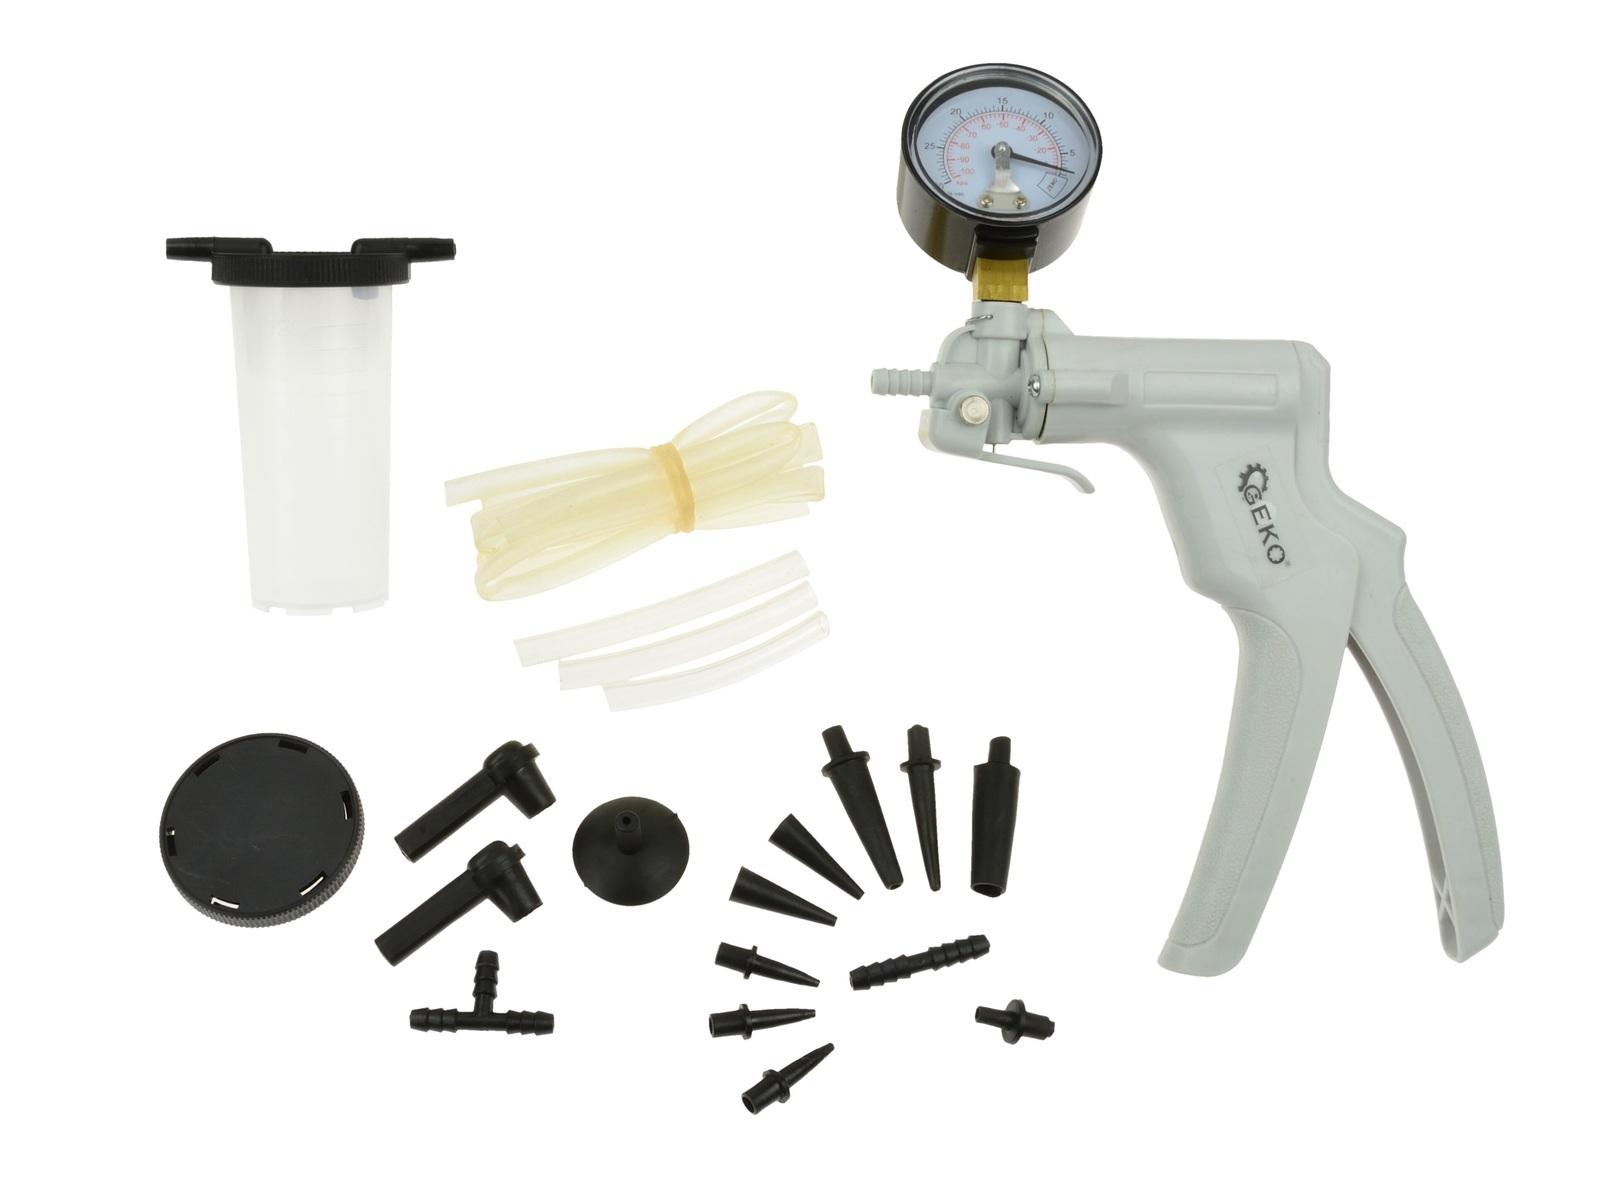 Pumpa vakuová, na měření a vytváření podtlaku, s příslušenstvím